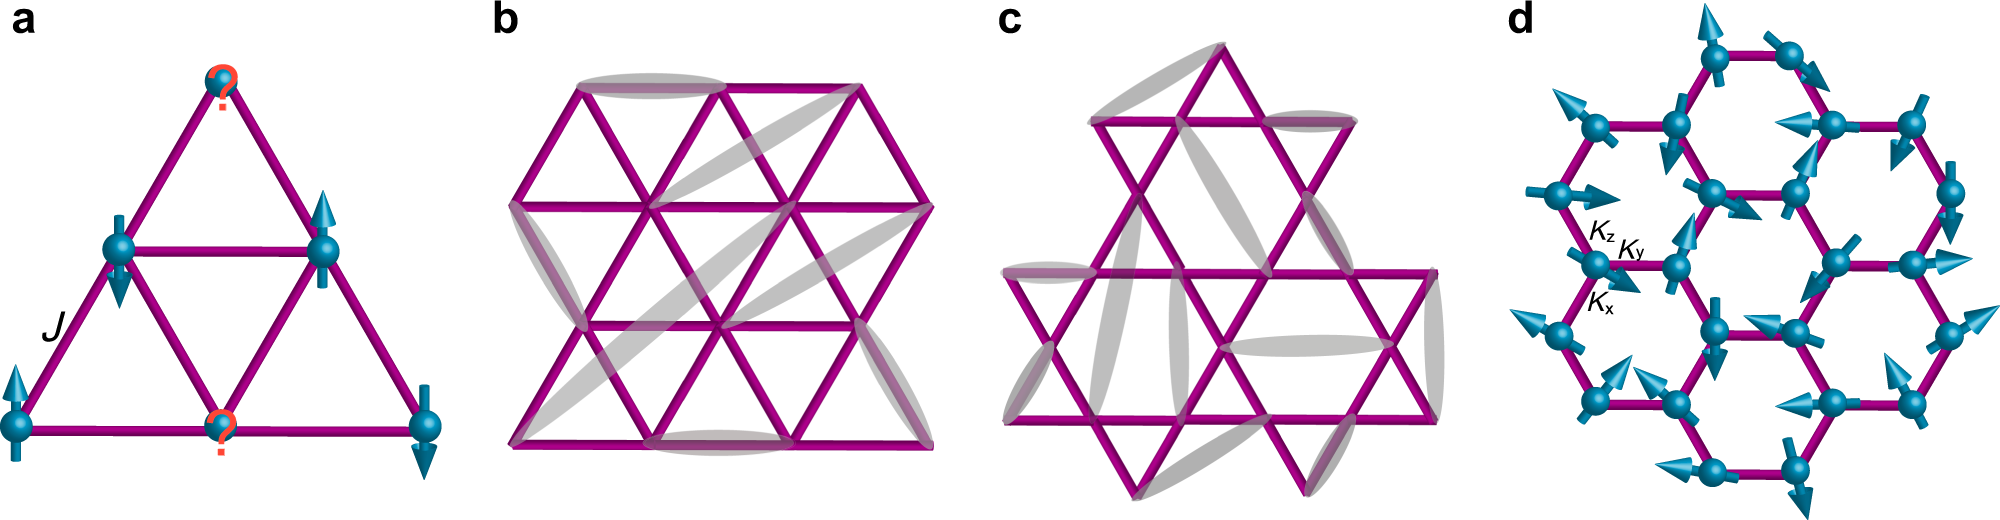 Experimental Identification Of Quantum Spin Liquids Npj Quantum